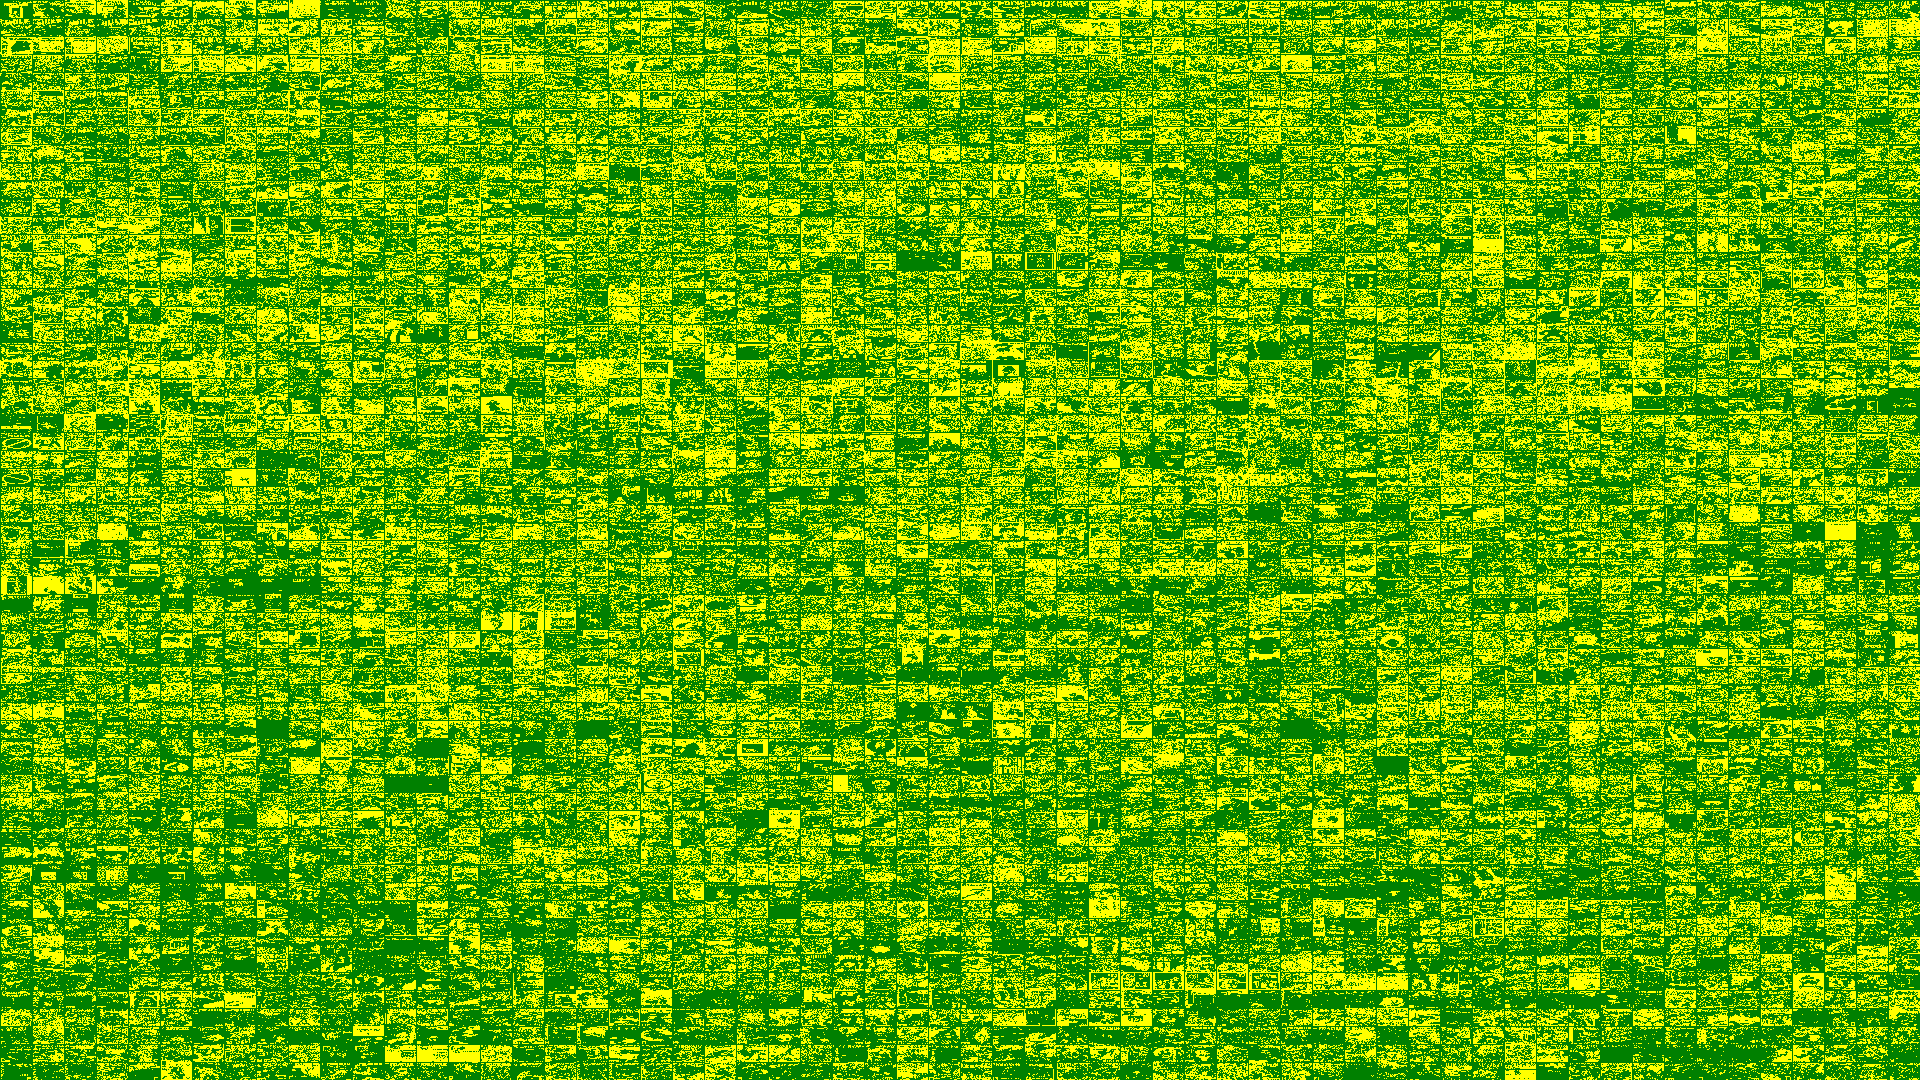 St Patrick Day Backgrounds 1920x1080